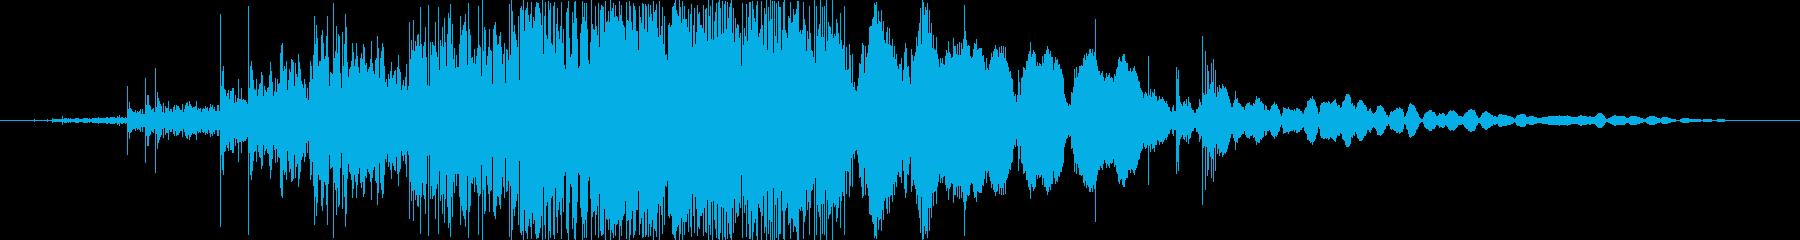 ライフルショットの再生済みの波形